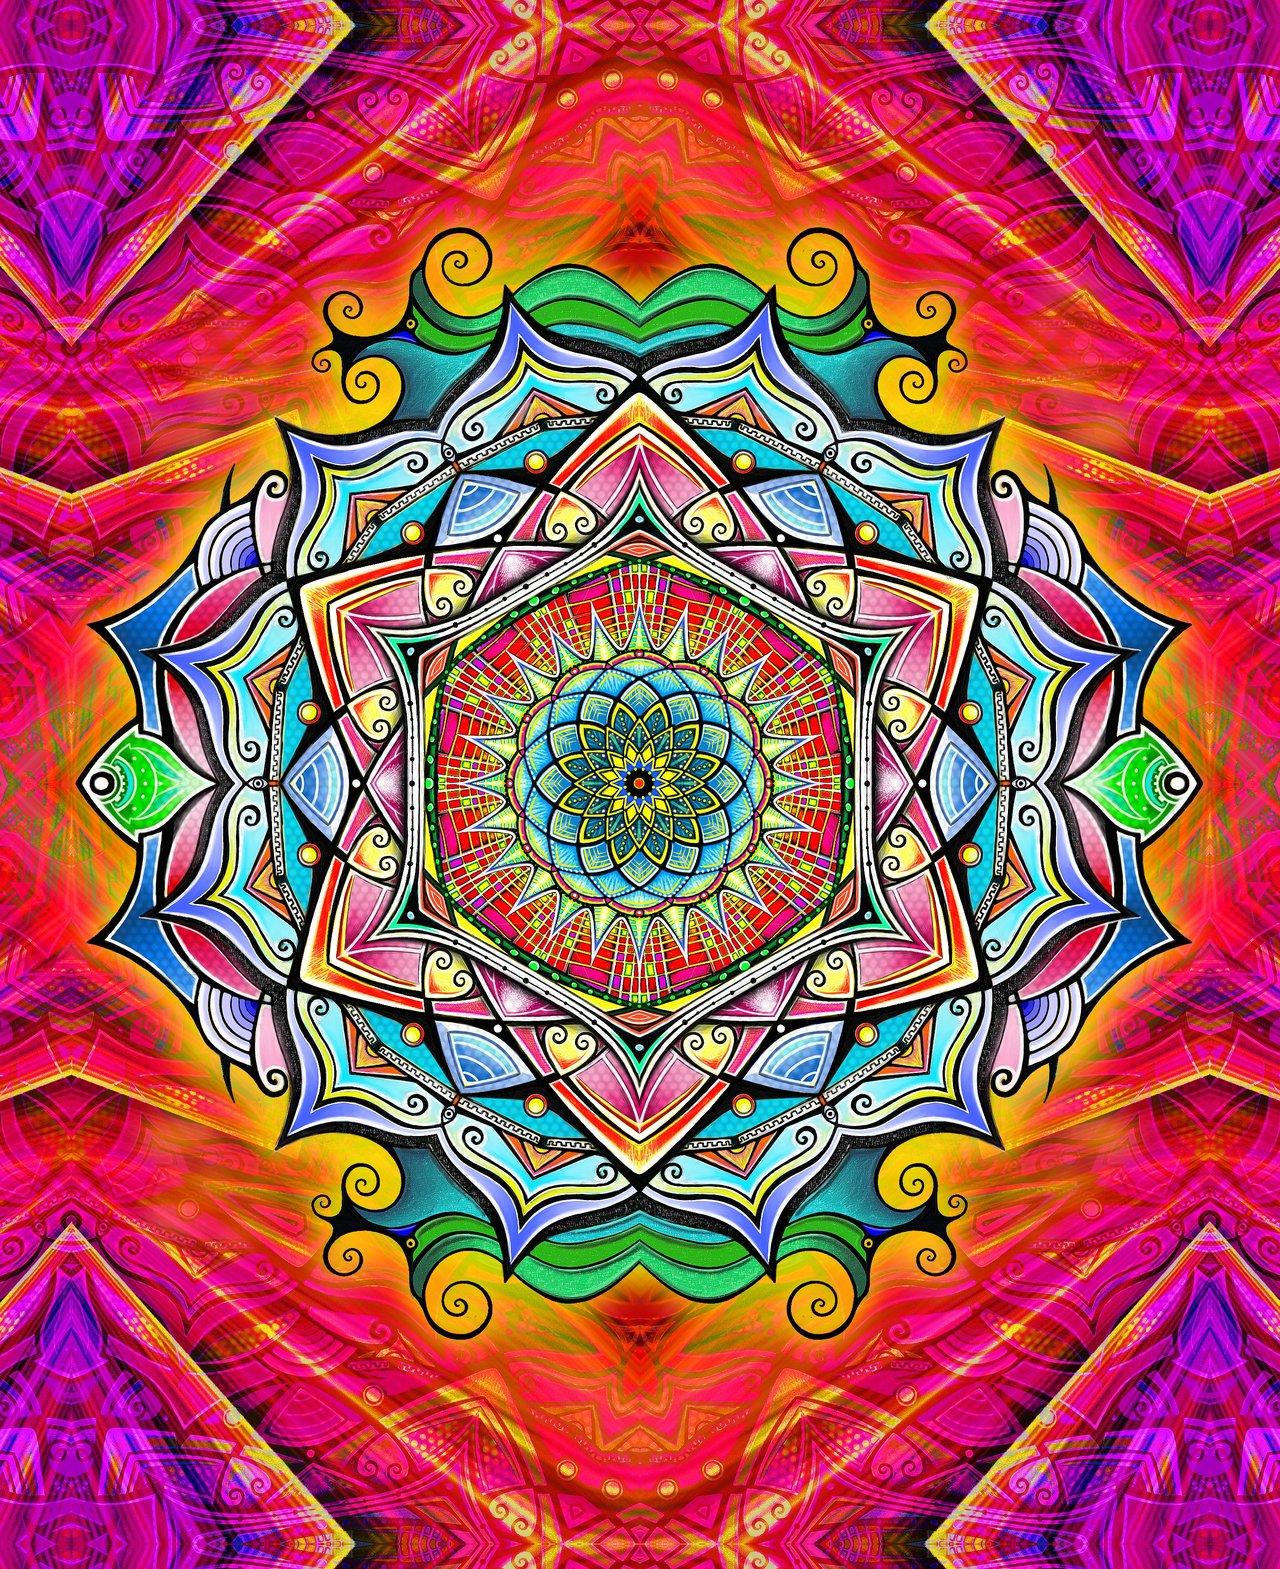 Mandala Wallpaper Desktop  WallpaperSafari